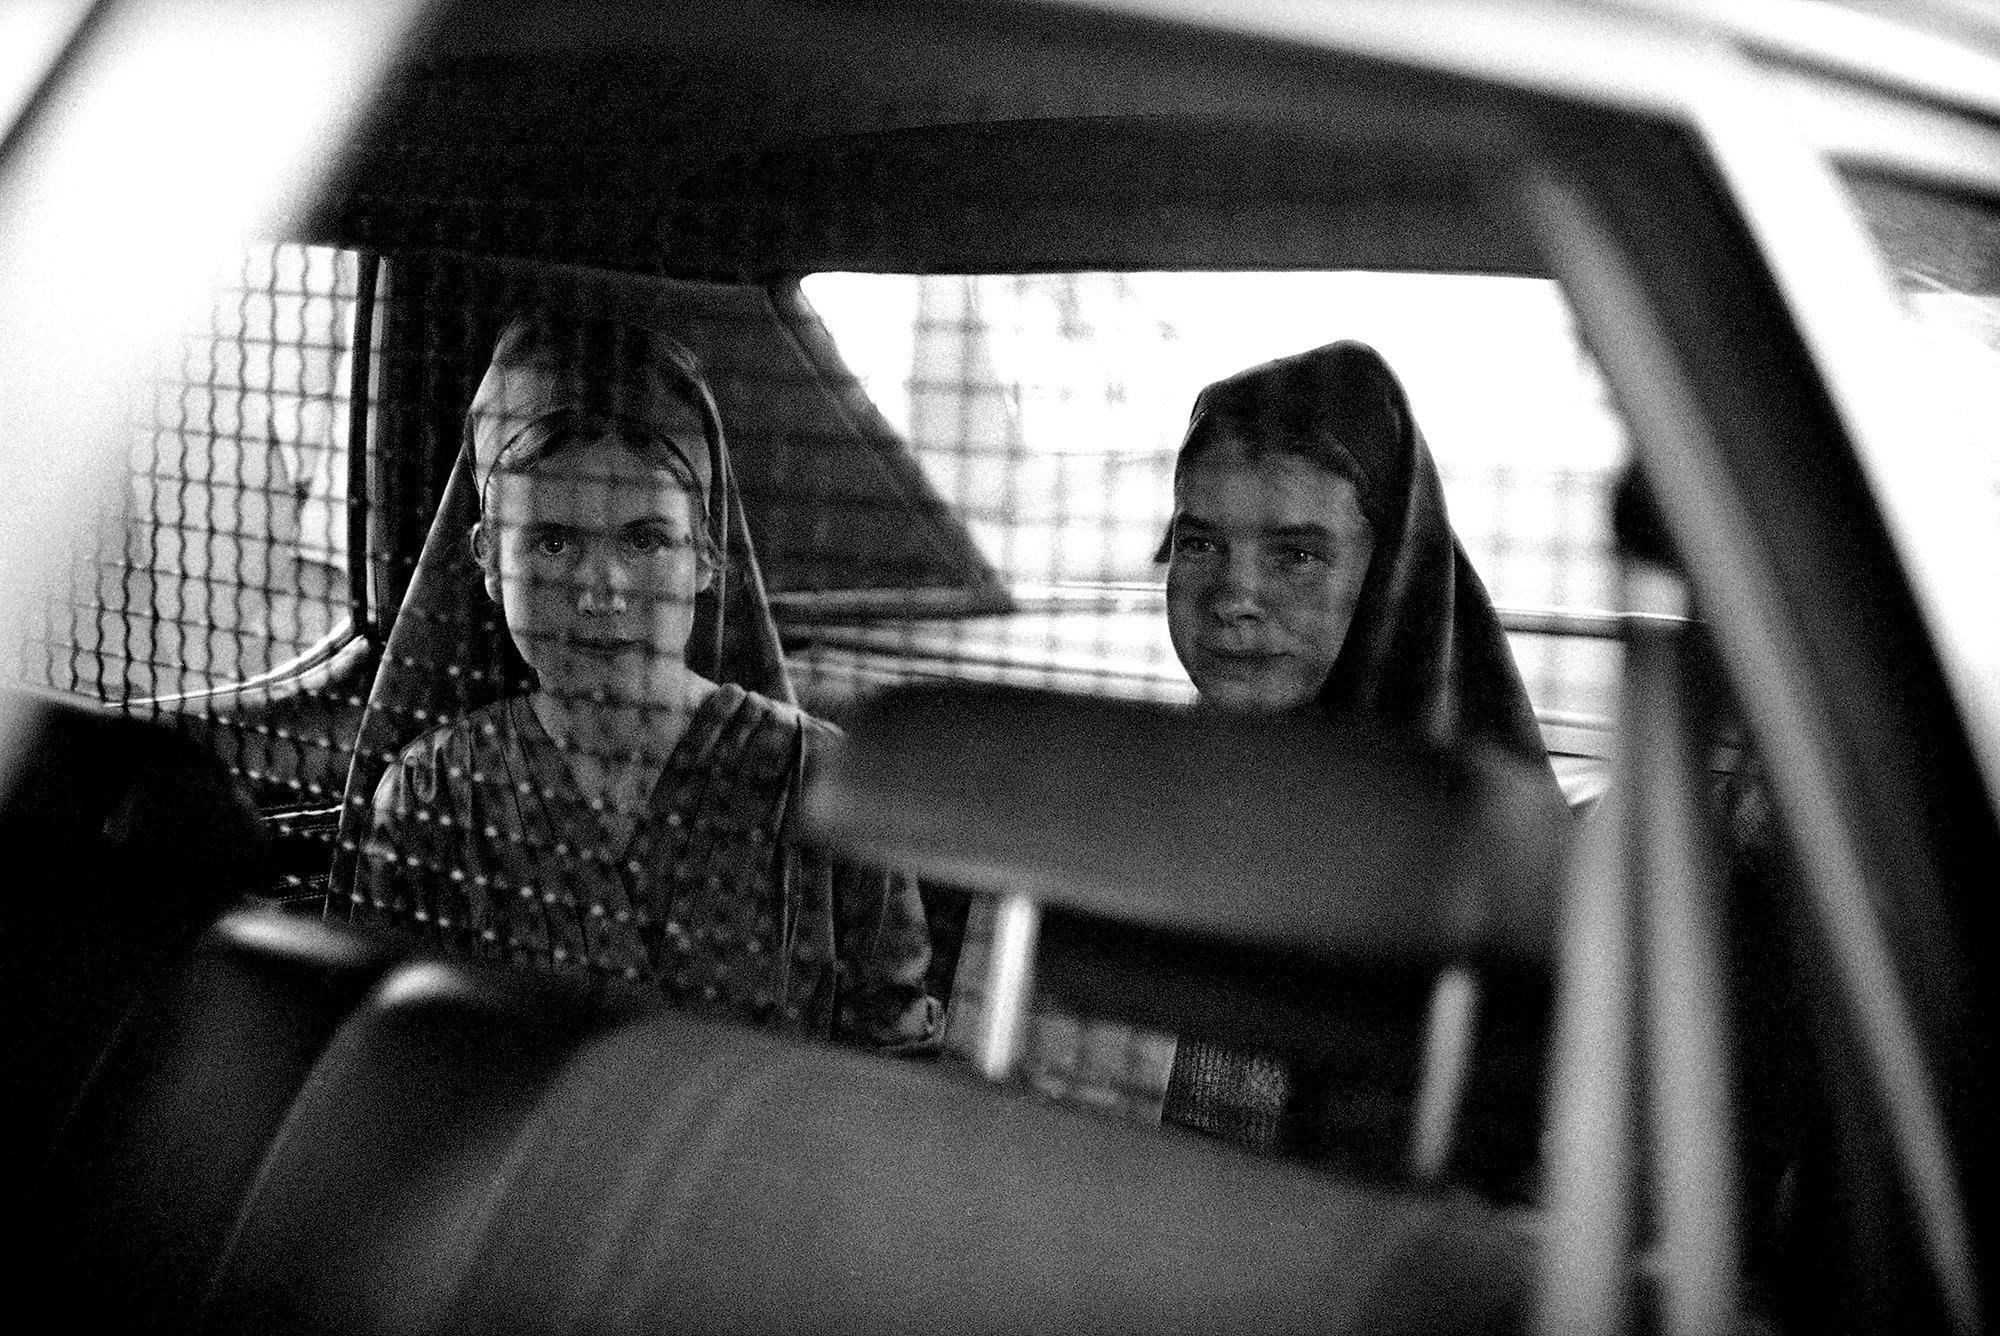 Члены «Семьи» Чарльза Мэнсона, Сандра Гуд (слева) иСьюзен Мерфи зарешеткой вавтомобиле, накоторой их забрали изФедерального суда вСакраменто 14 апреля 1976 года после вынесения приговора. Г-жа Гуд была приговорена к15 годам тюремного заключения вфедеральной тюрьме, а г-жа Мерфи получила пять лет засговор сцелью угроз бизнесу игосударственным должностным лицам.